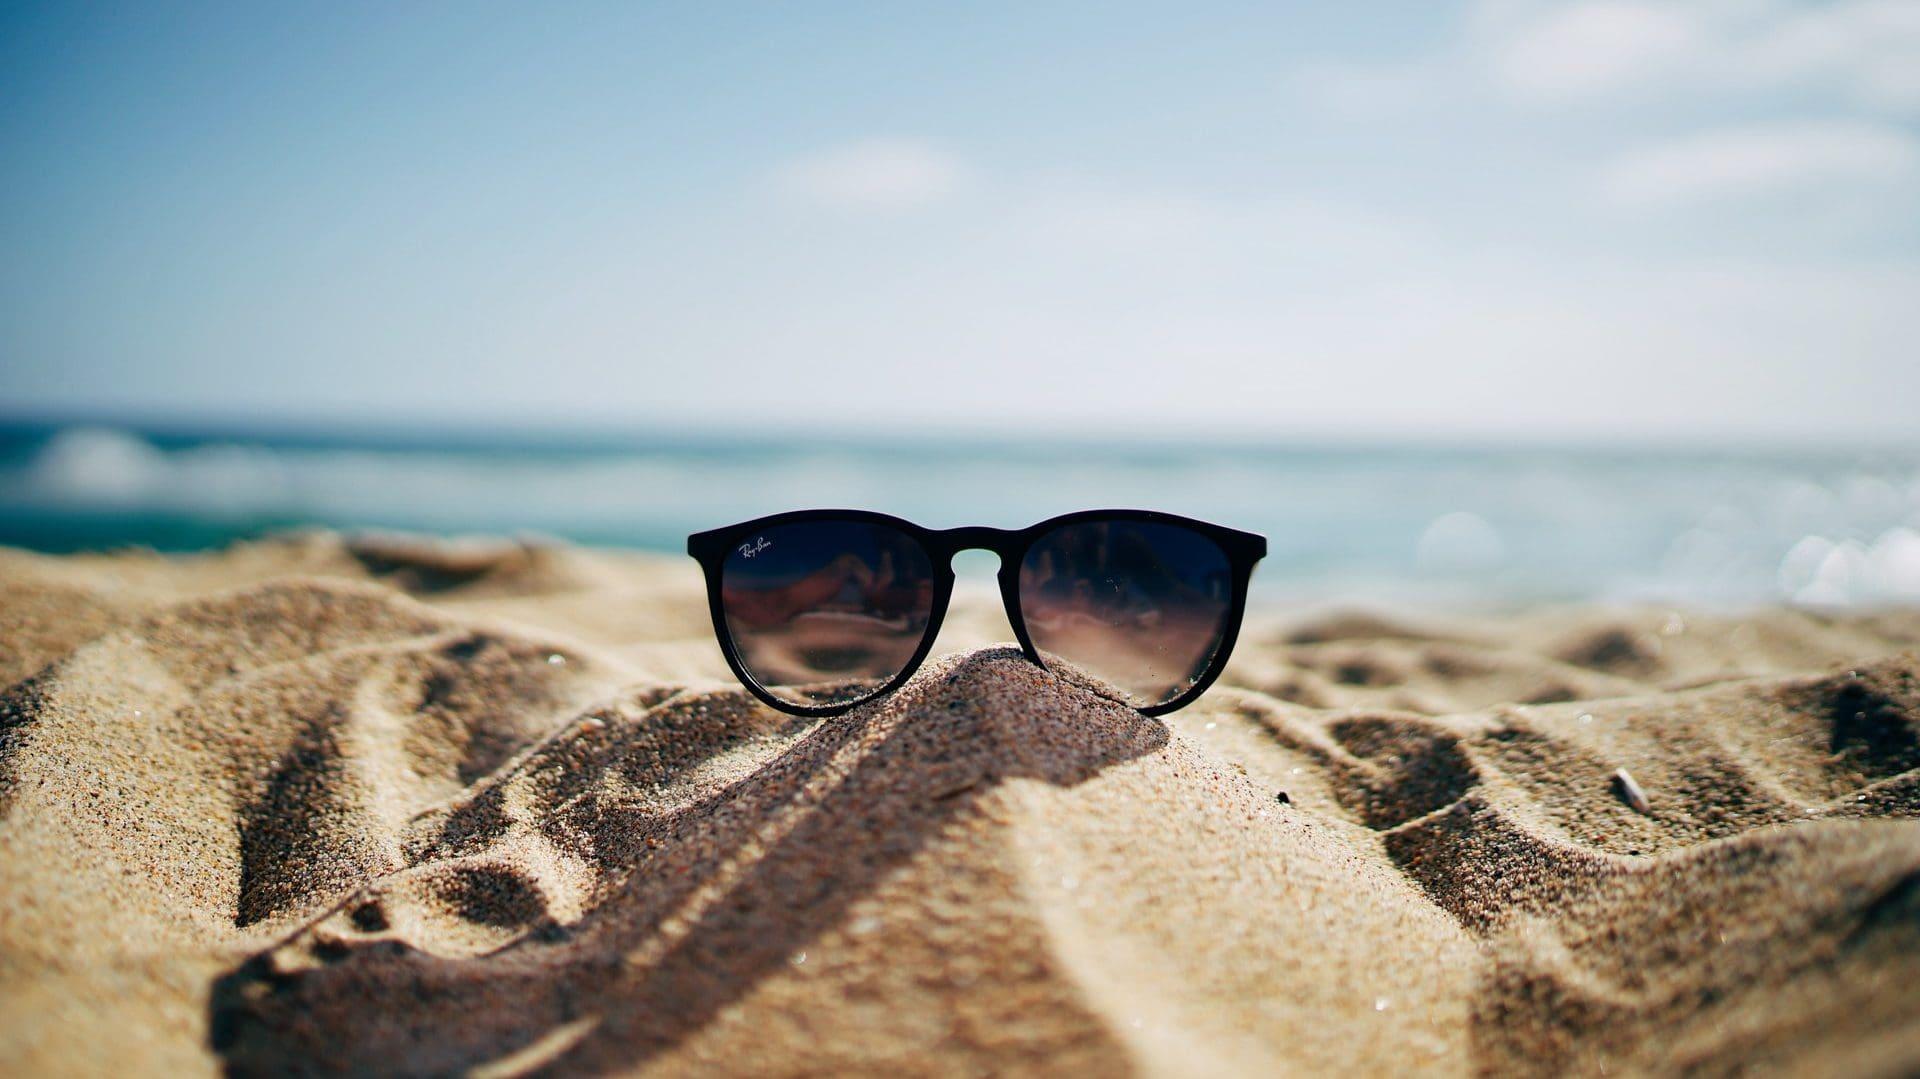 Zonnebril op zand voor de oceaan